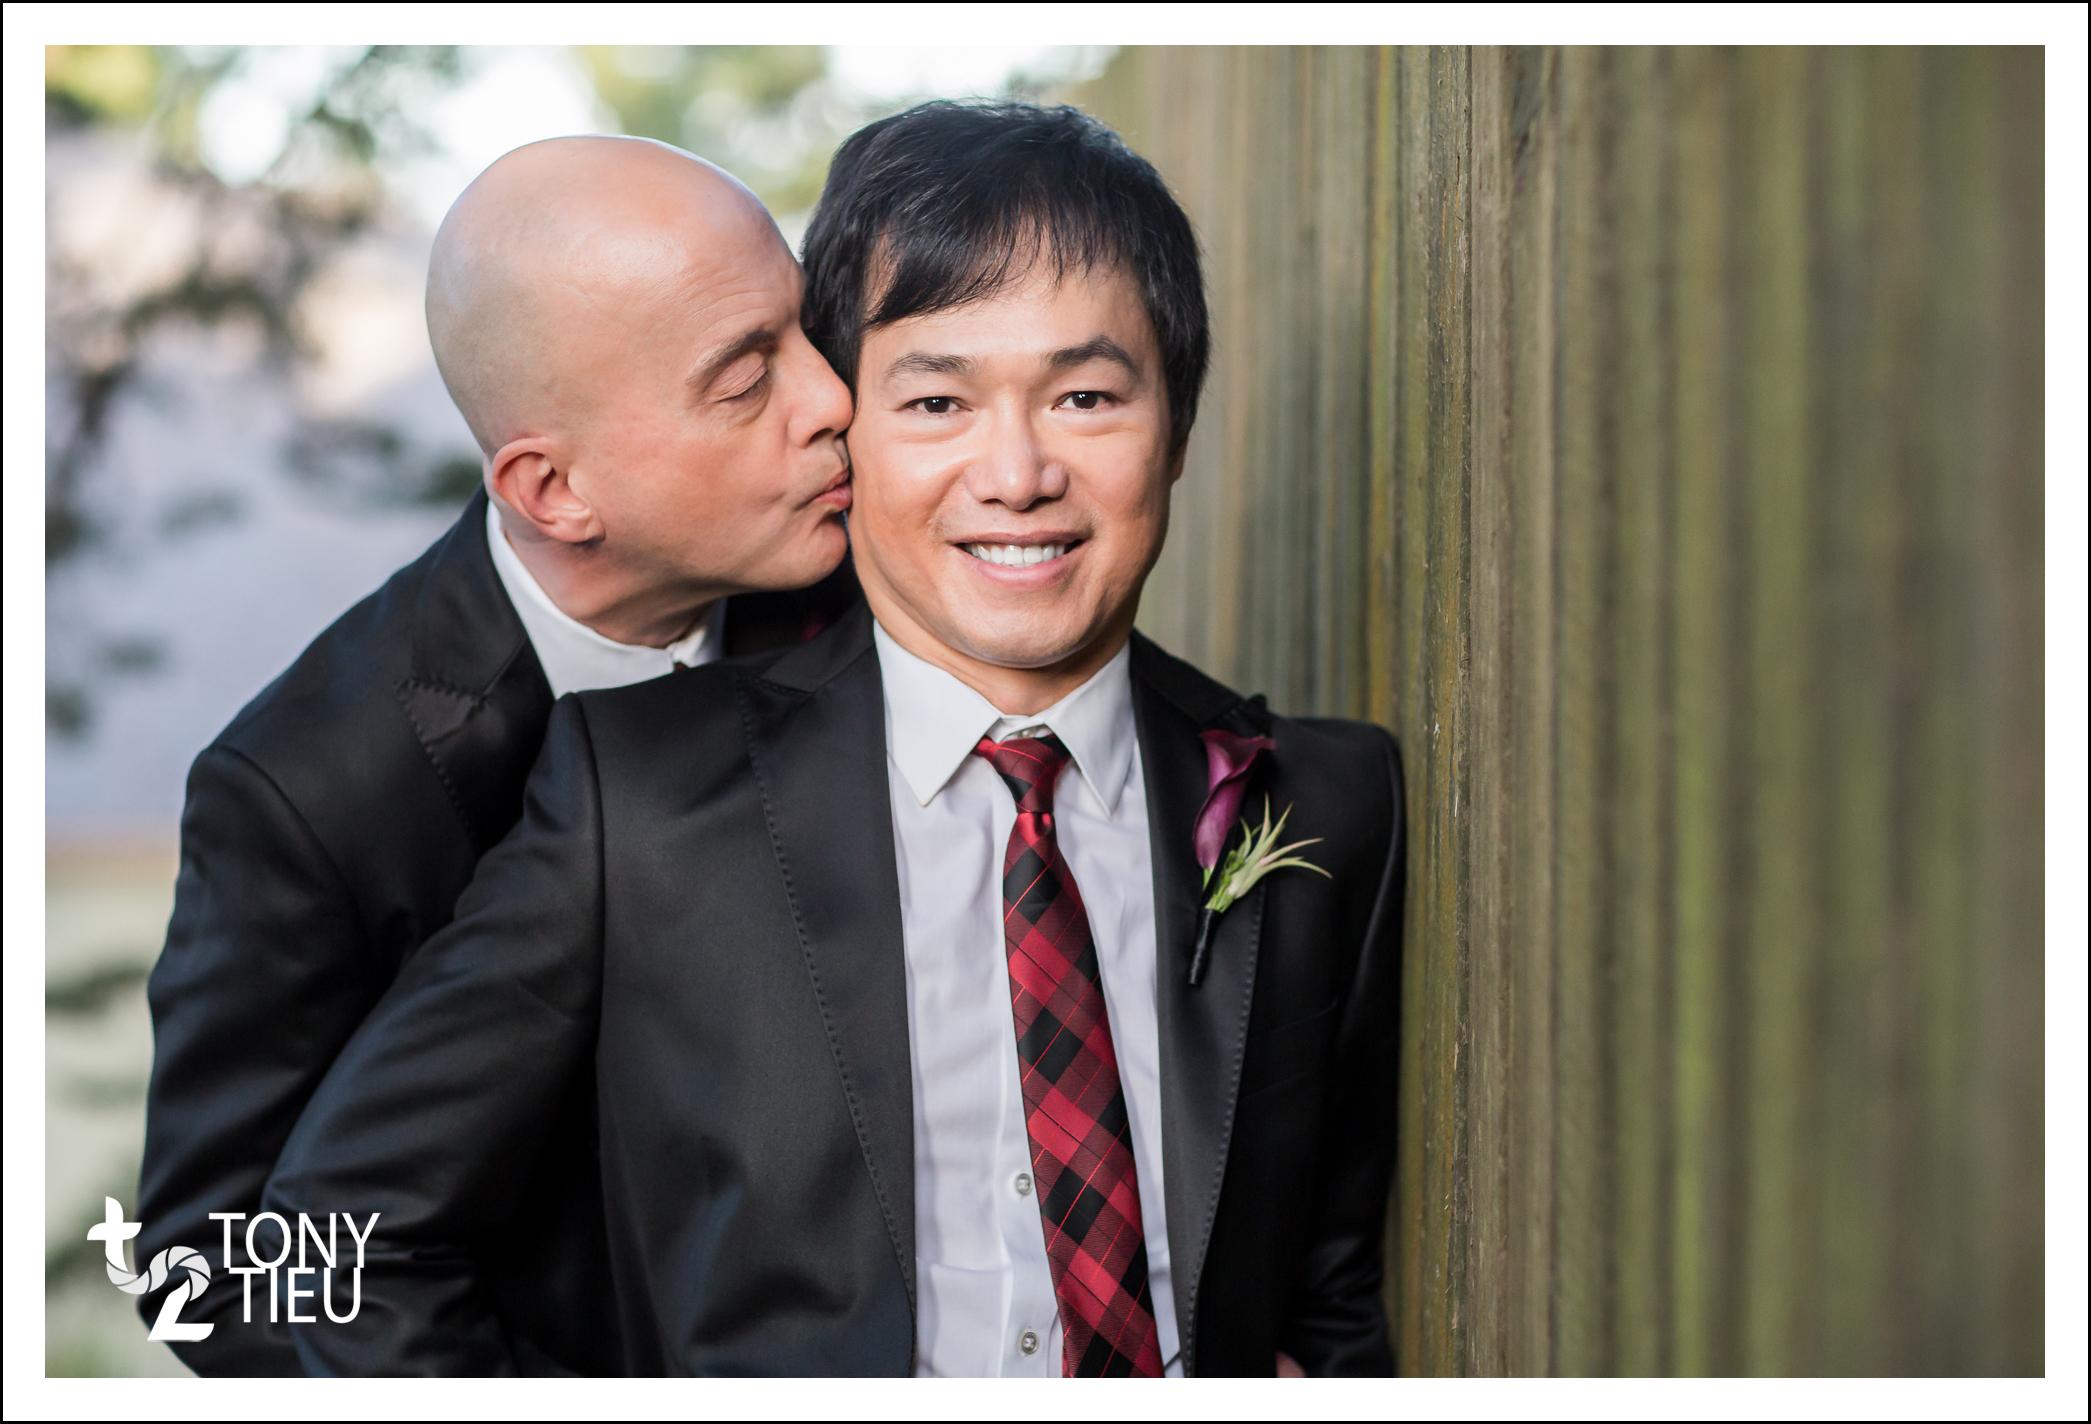 Tony_Tieu_Alain_ Wedding_2.jpg